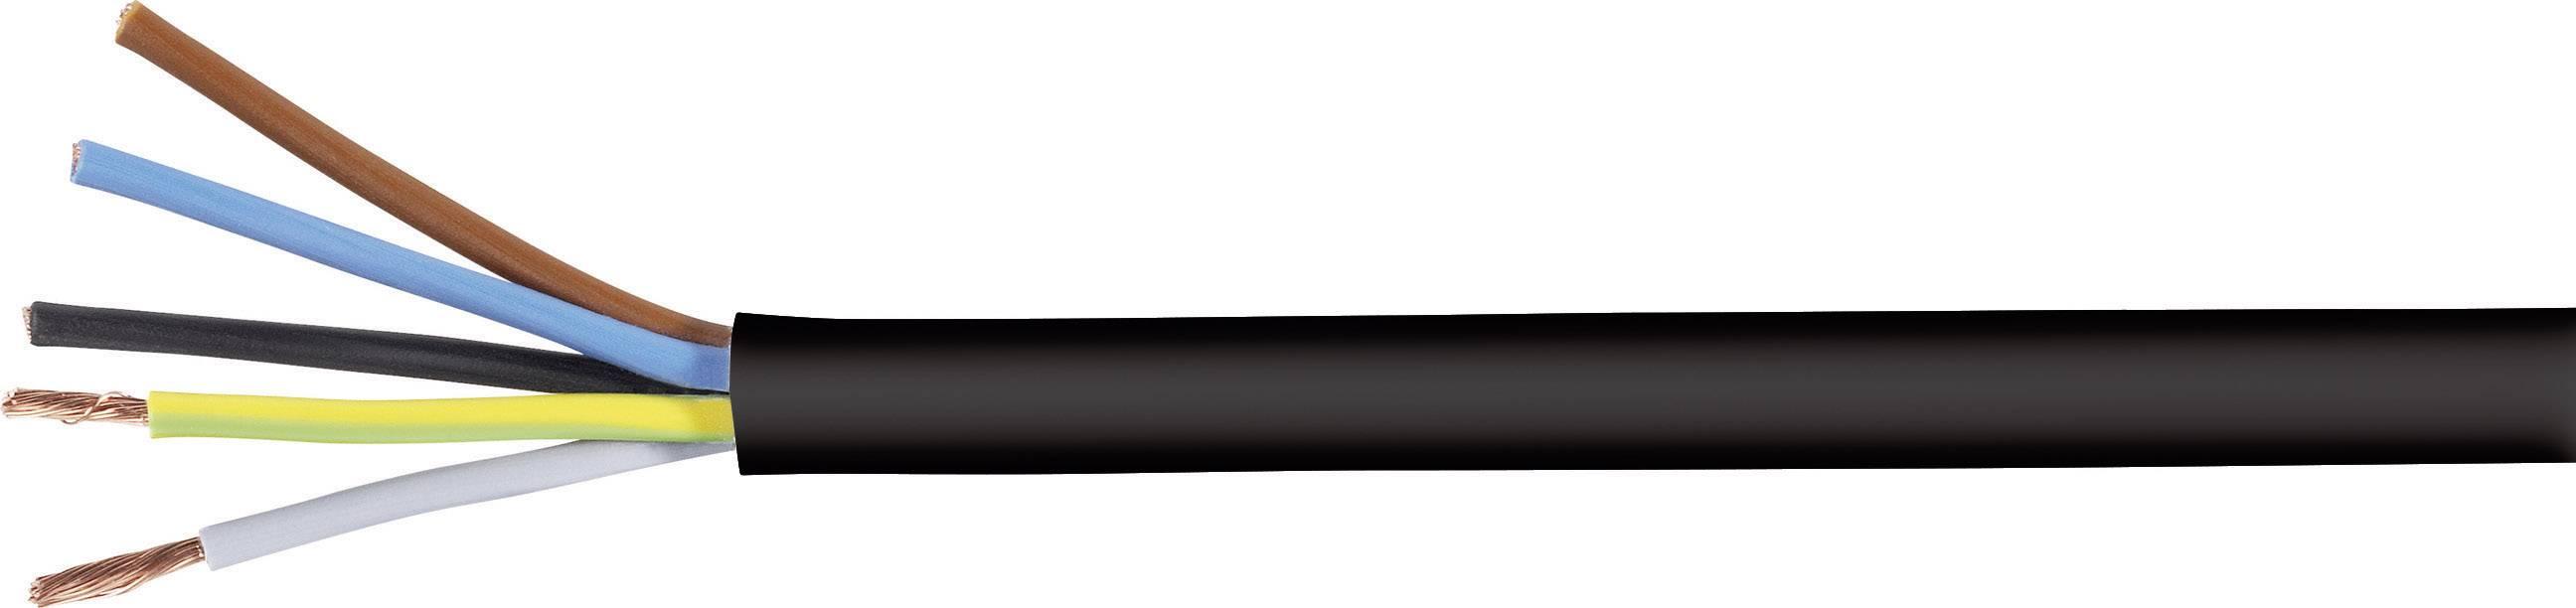 Vícežílový kabel LappKabel H05VV-F, 3028242, 5 G 1.50 mm², černá, metrové zboží